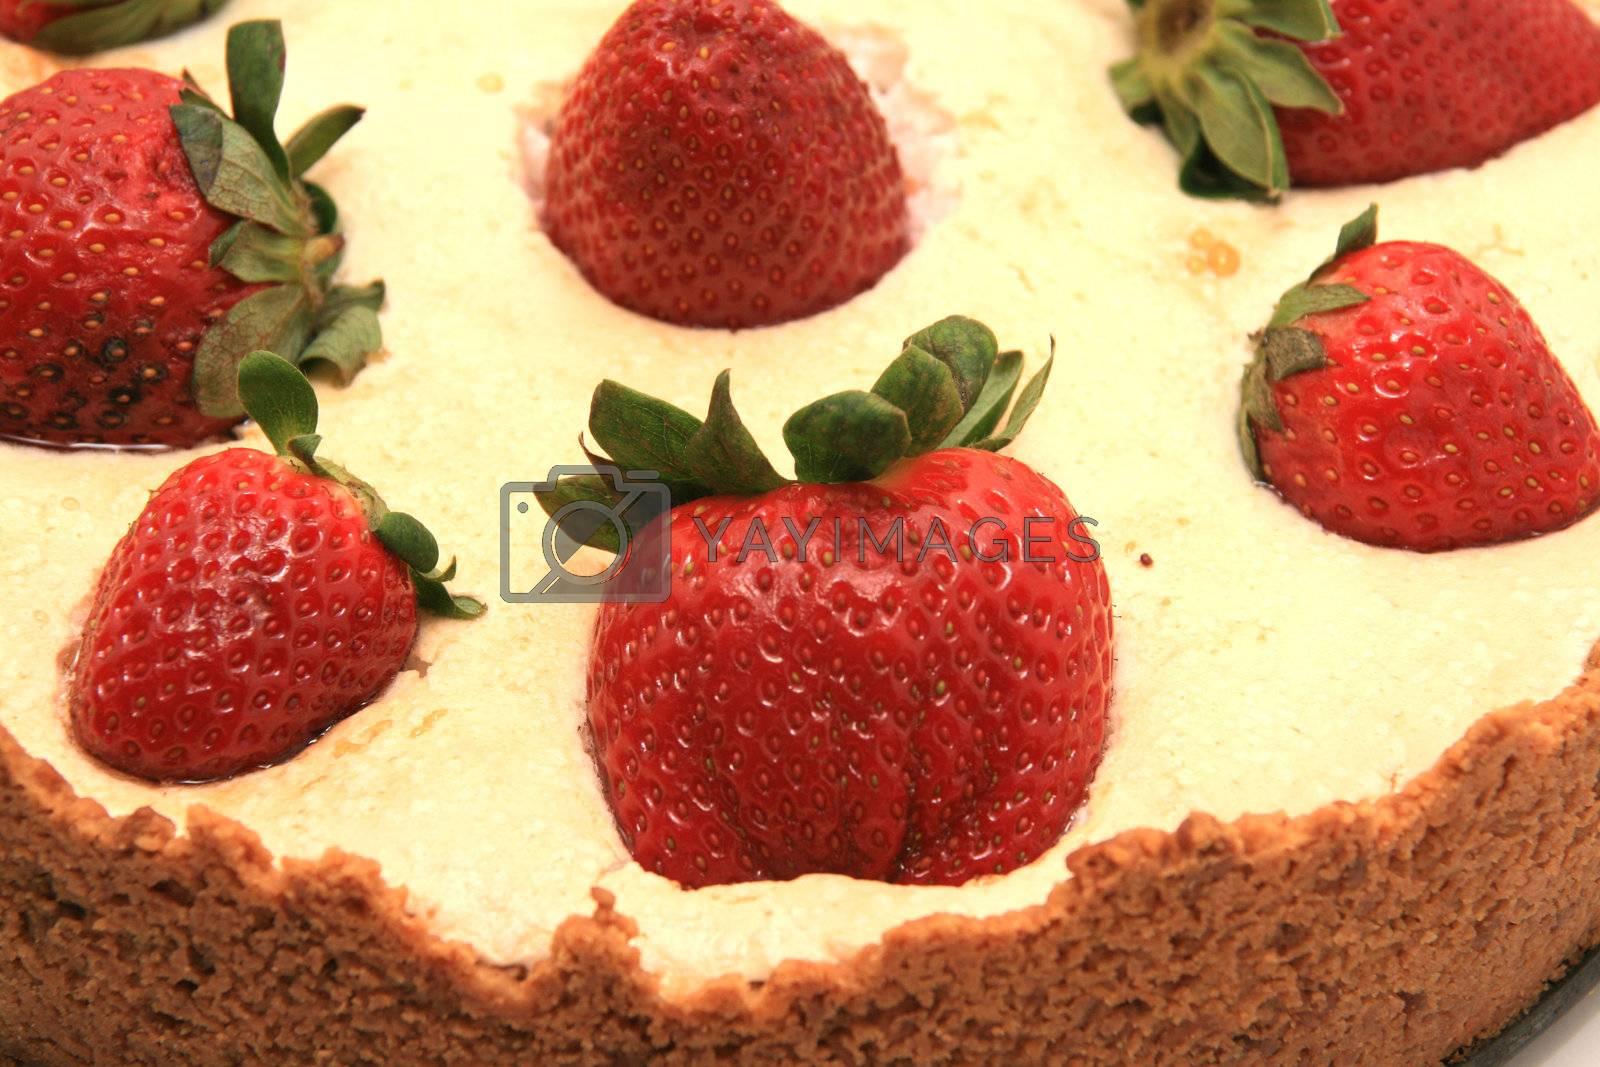 beautiful strawberries and chocolate cake